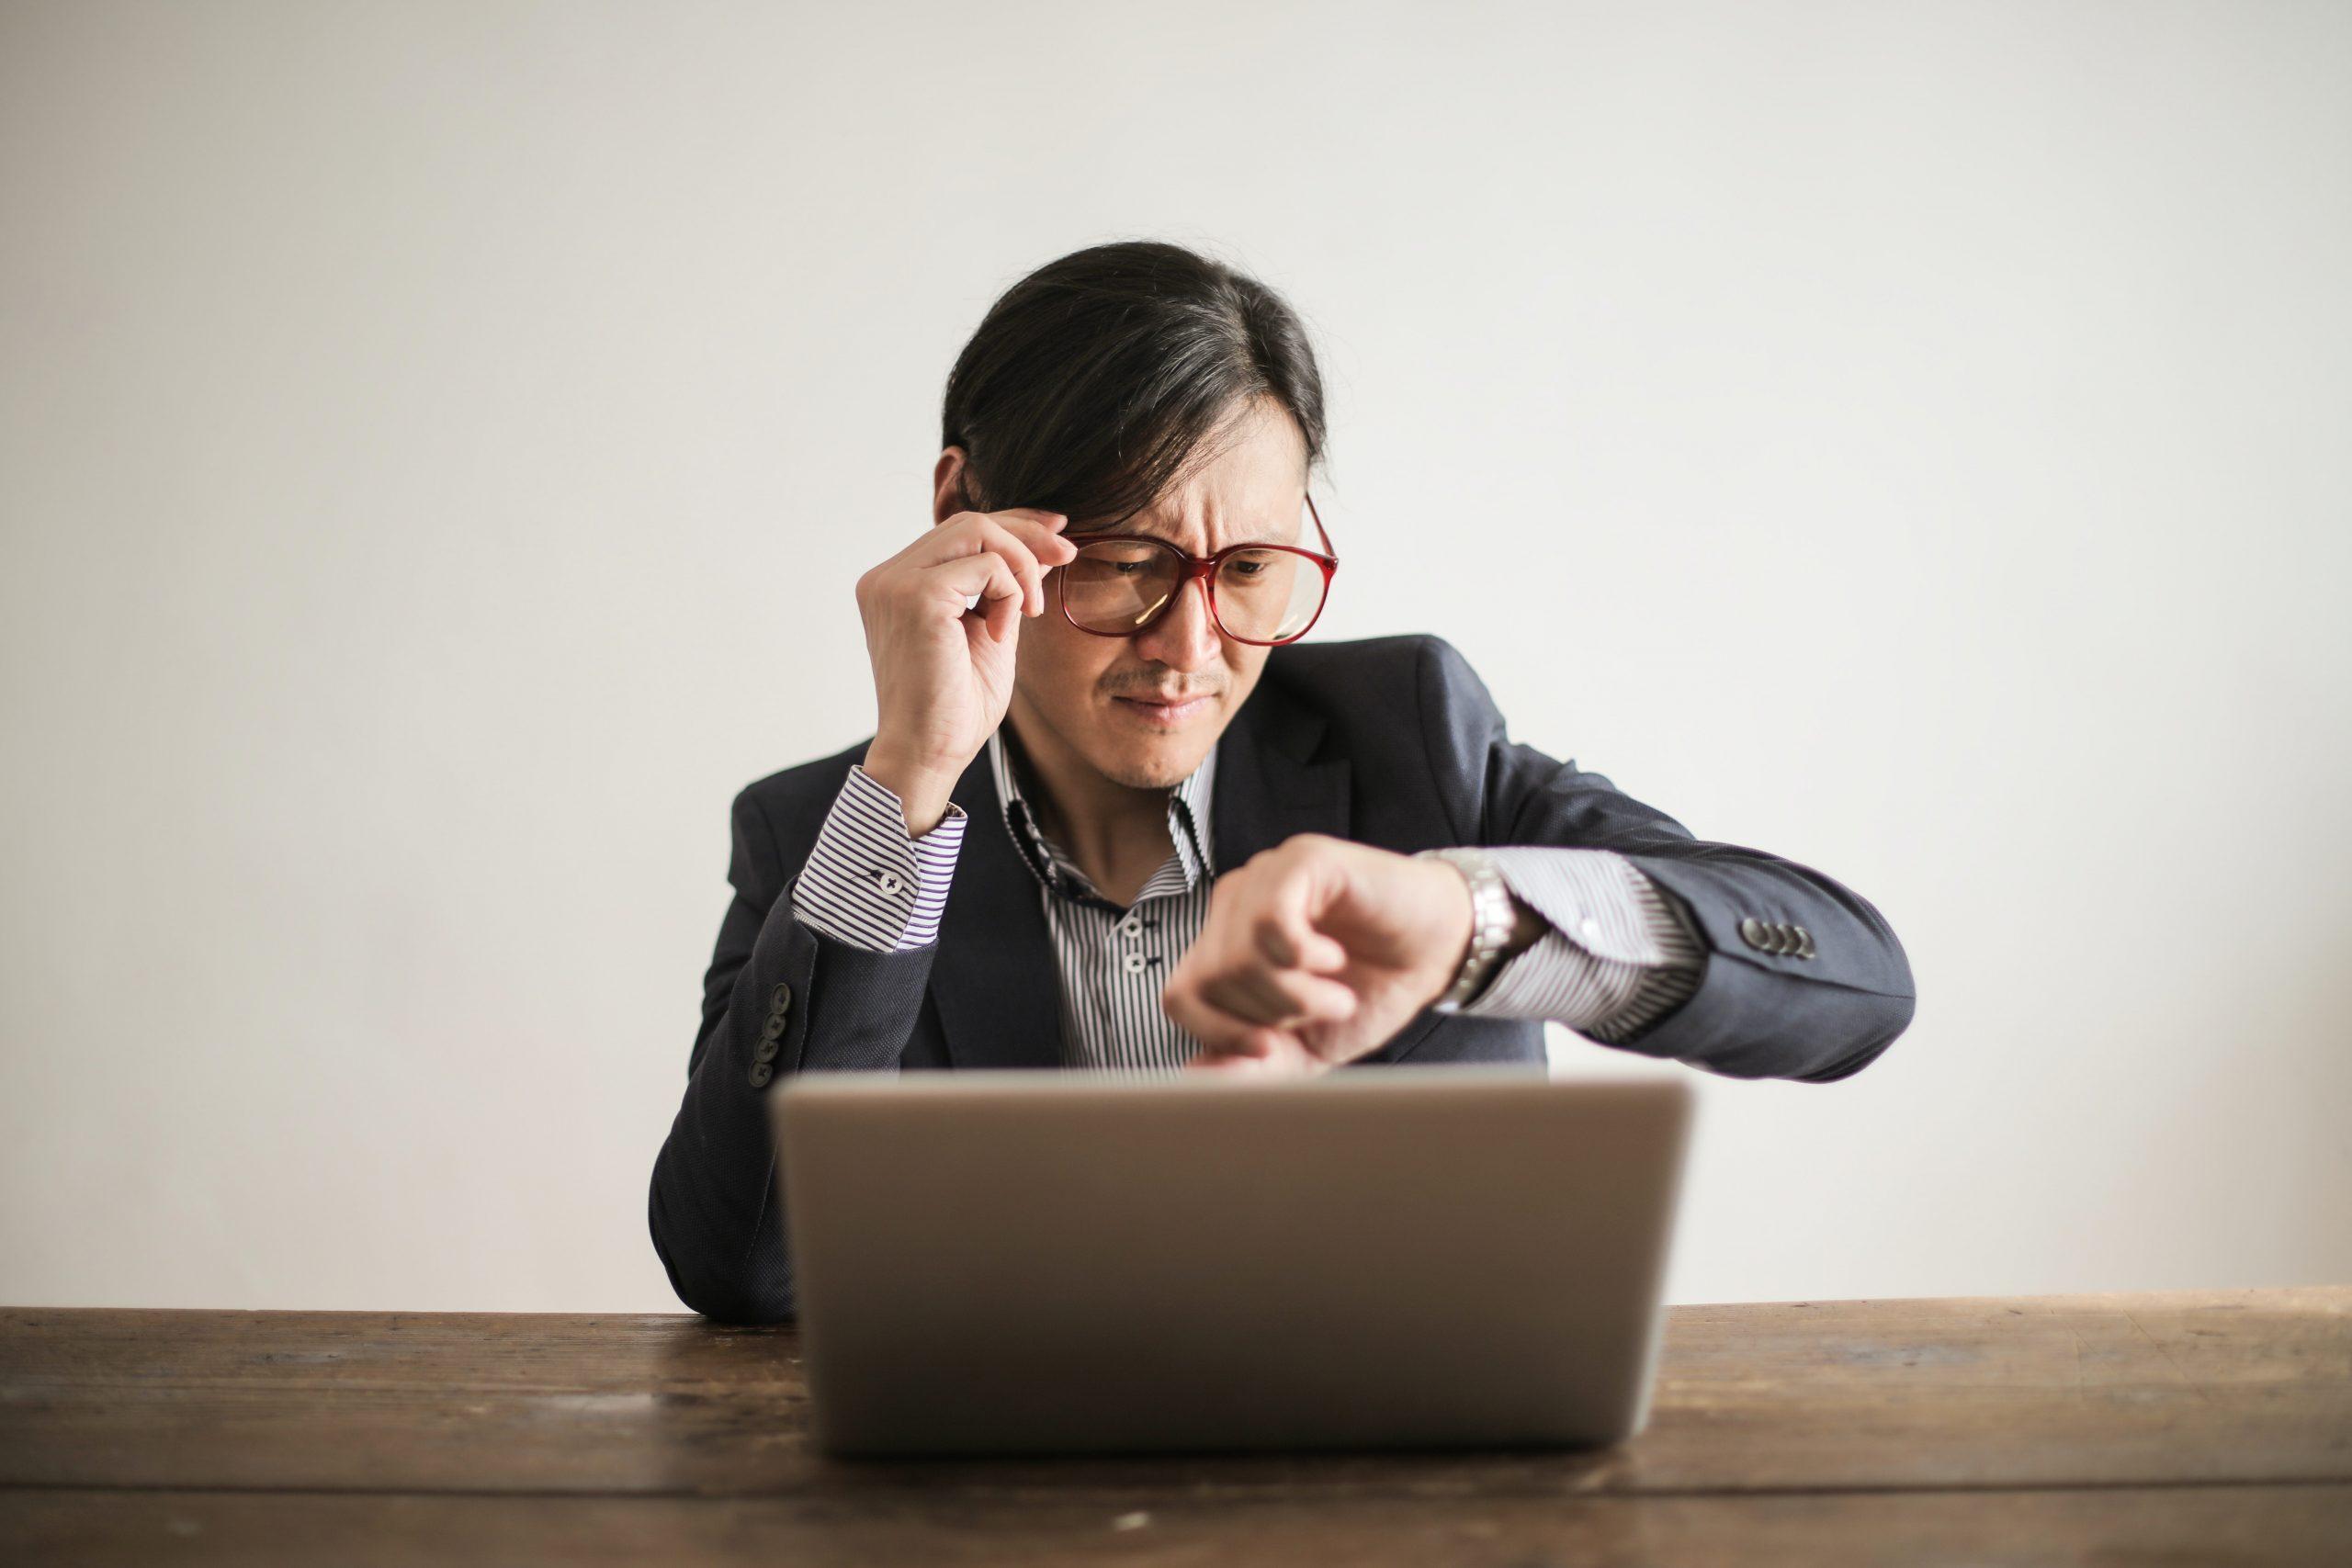 Пять шагов от трудоголизма к здоровому трудолюбию